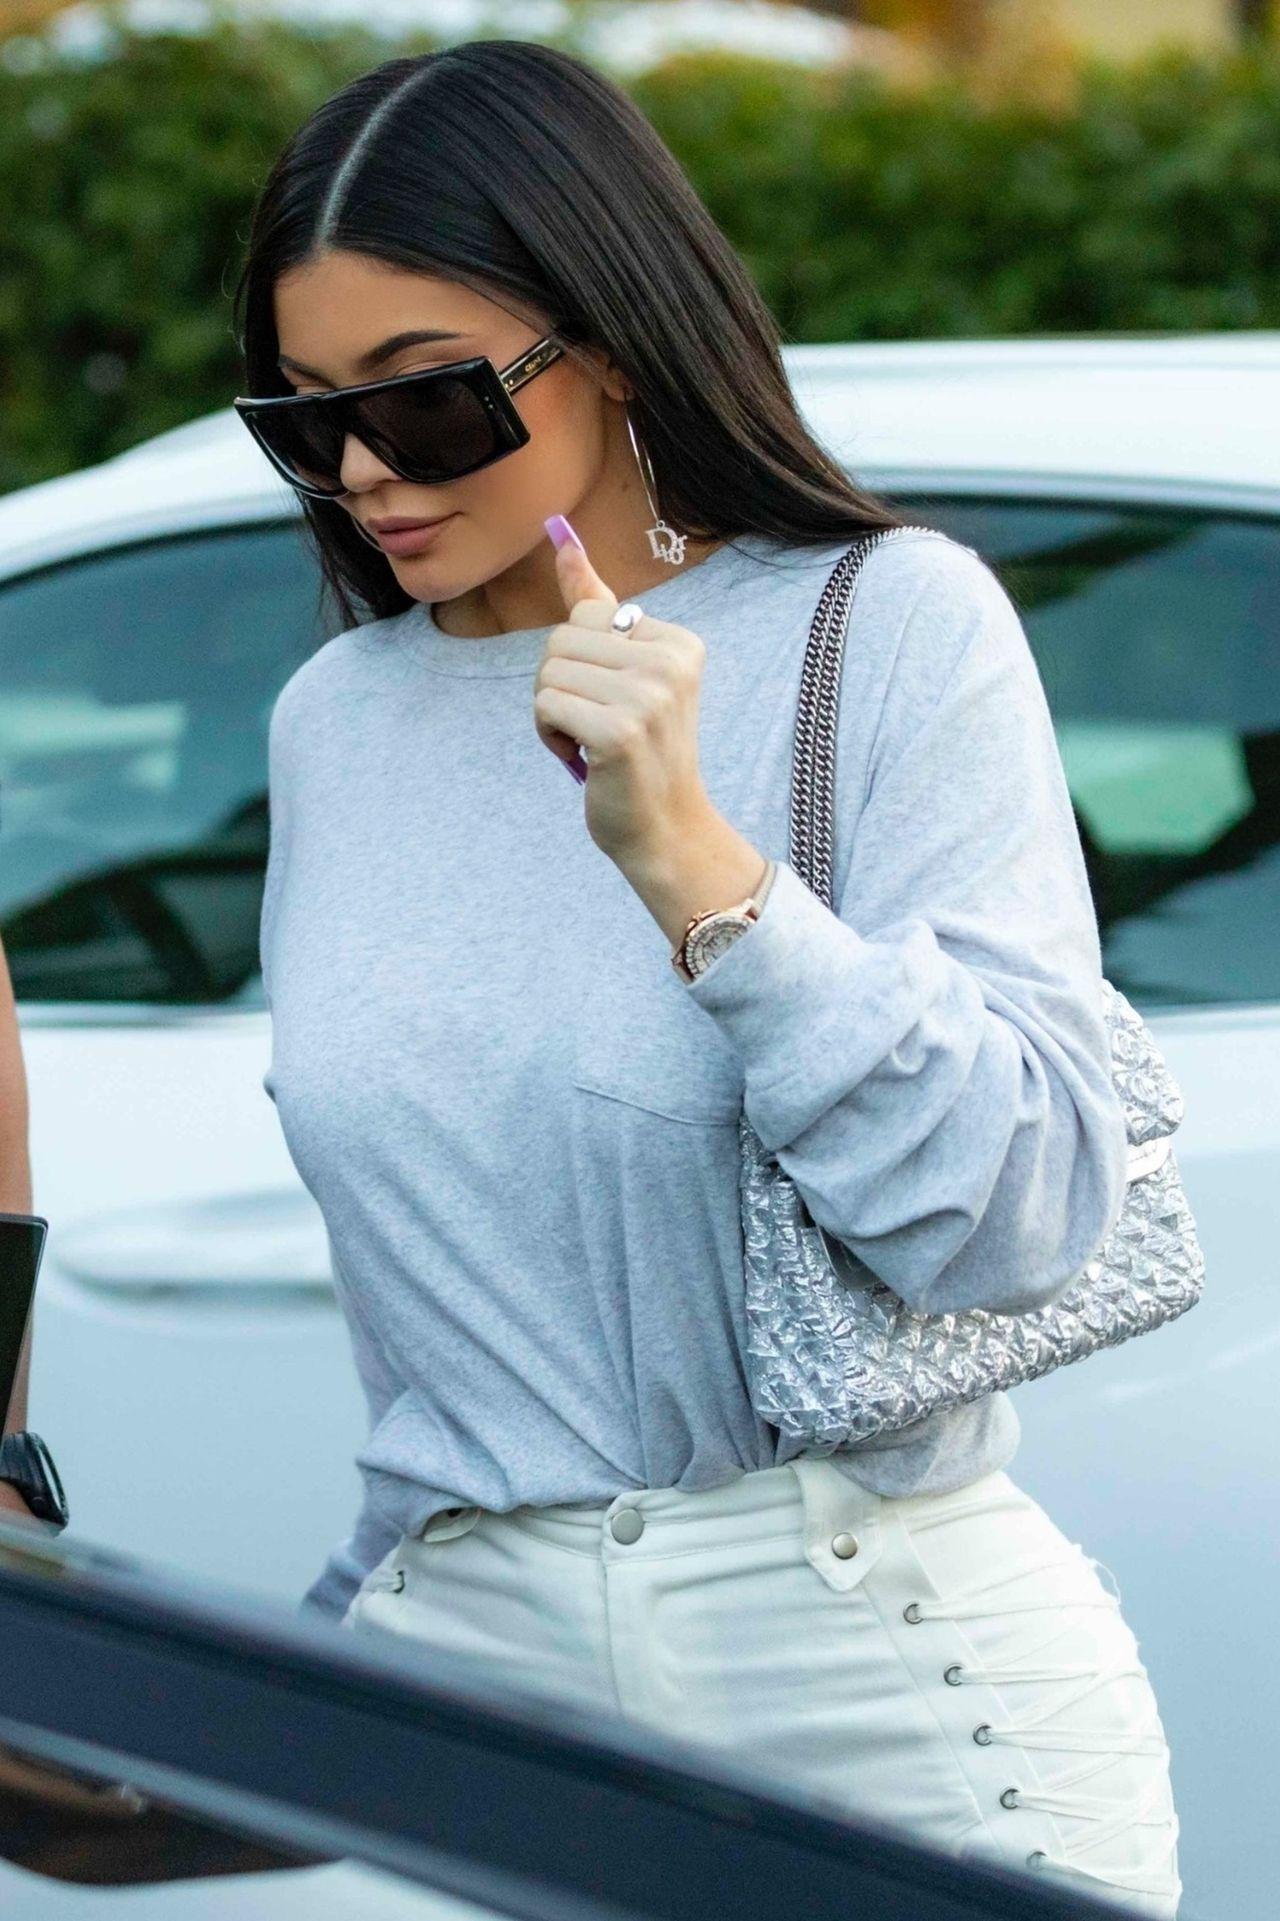 Kylie Jenner w szarej bluzie i okularach przeciwsłonecznych